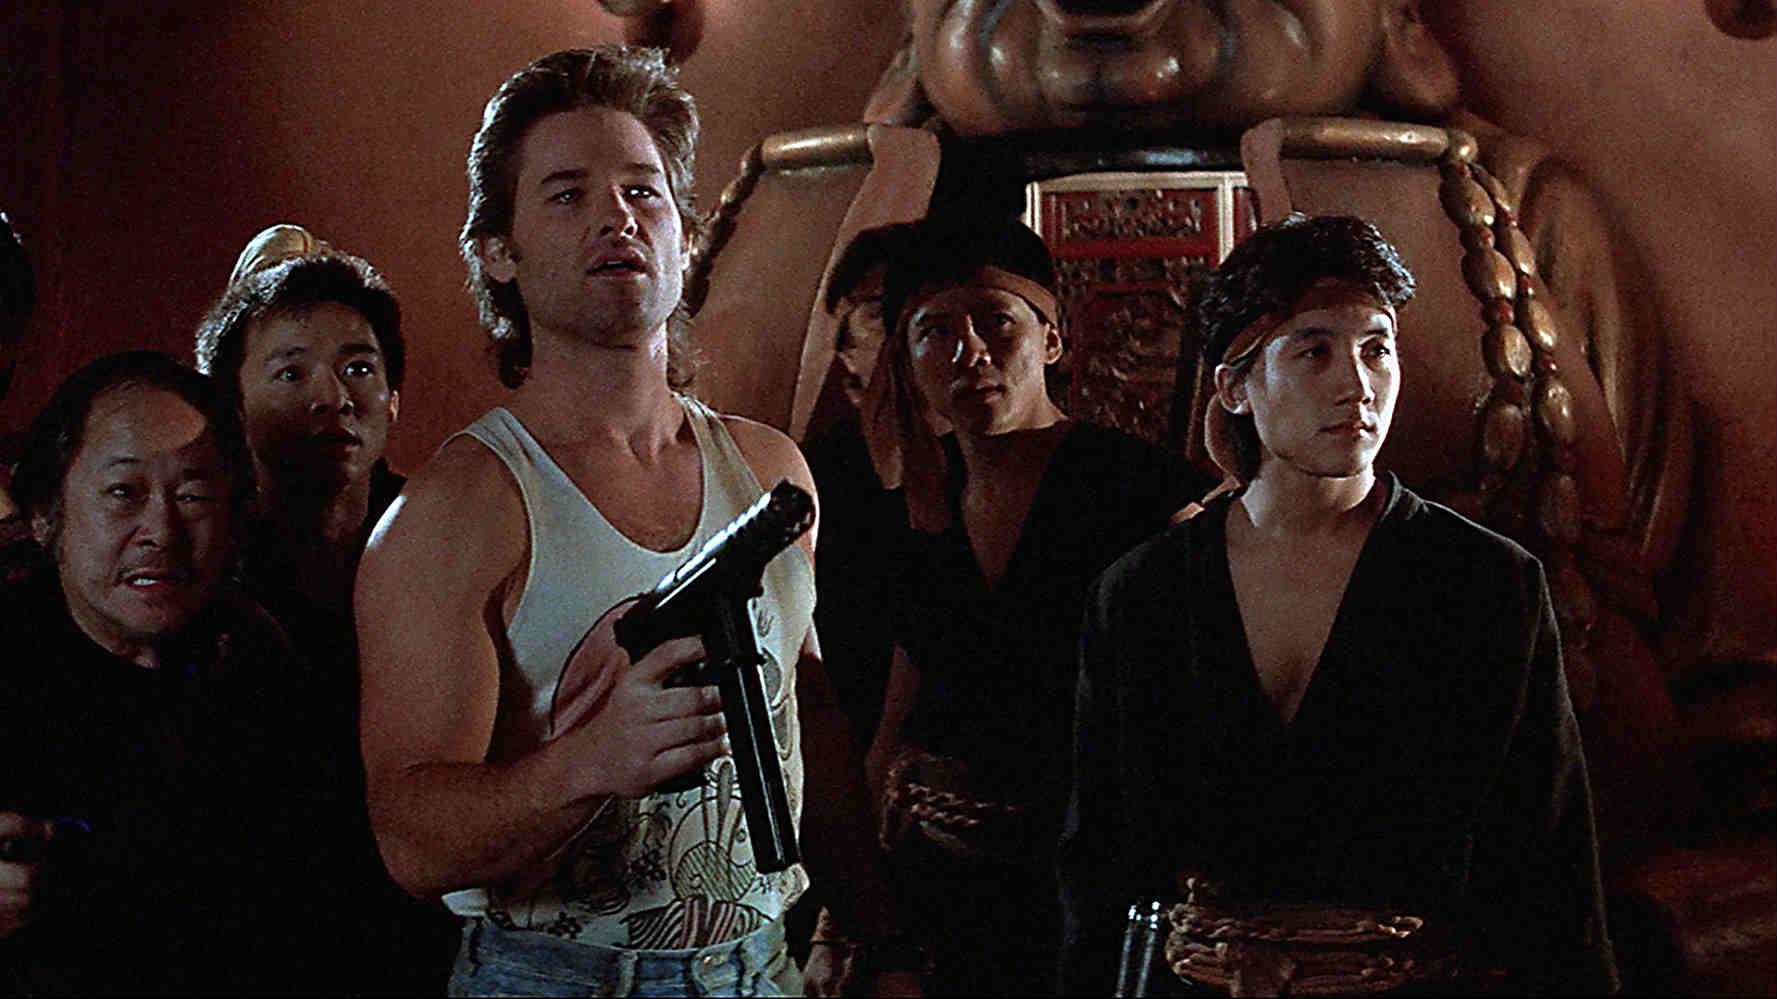 Big Trouble in Little China de Dwayne Johnson será una secuela, no un remake